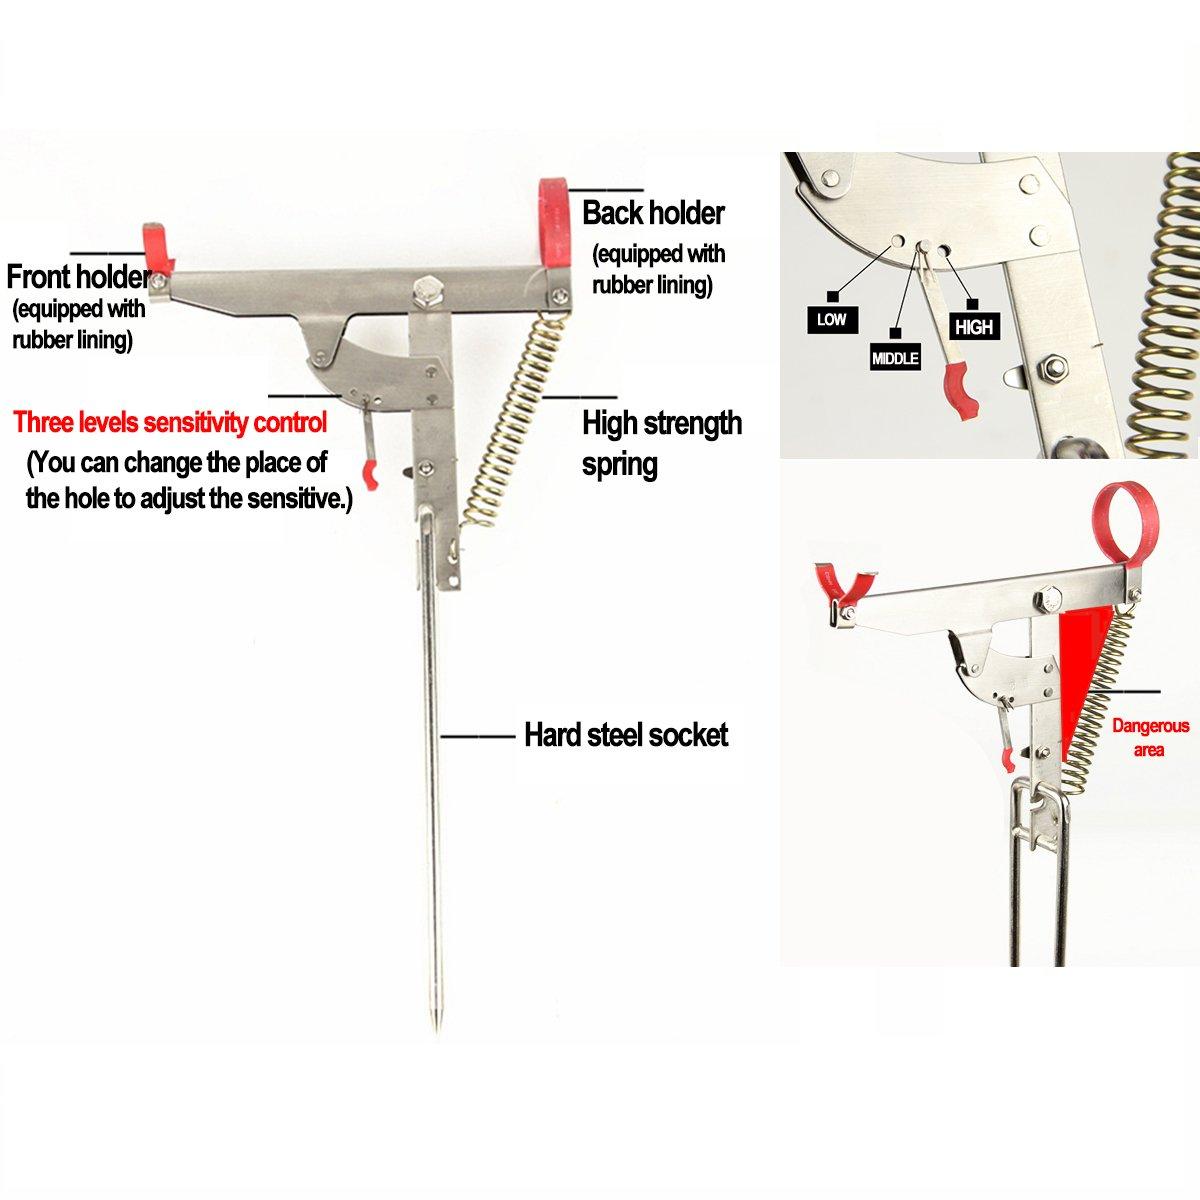 plegable regulador y soporte de acero inoxidable 2x Pack Soporte para ca/ña de pescar con el mejor resorte sensible de alta resistencia gancho puntas verticales 2 unidades